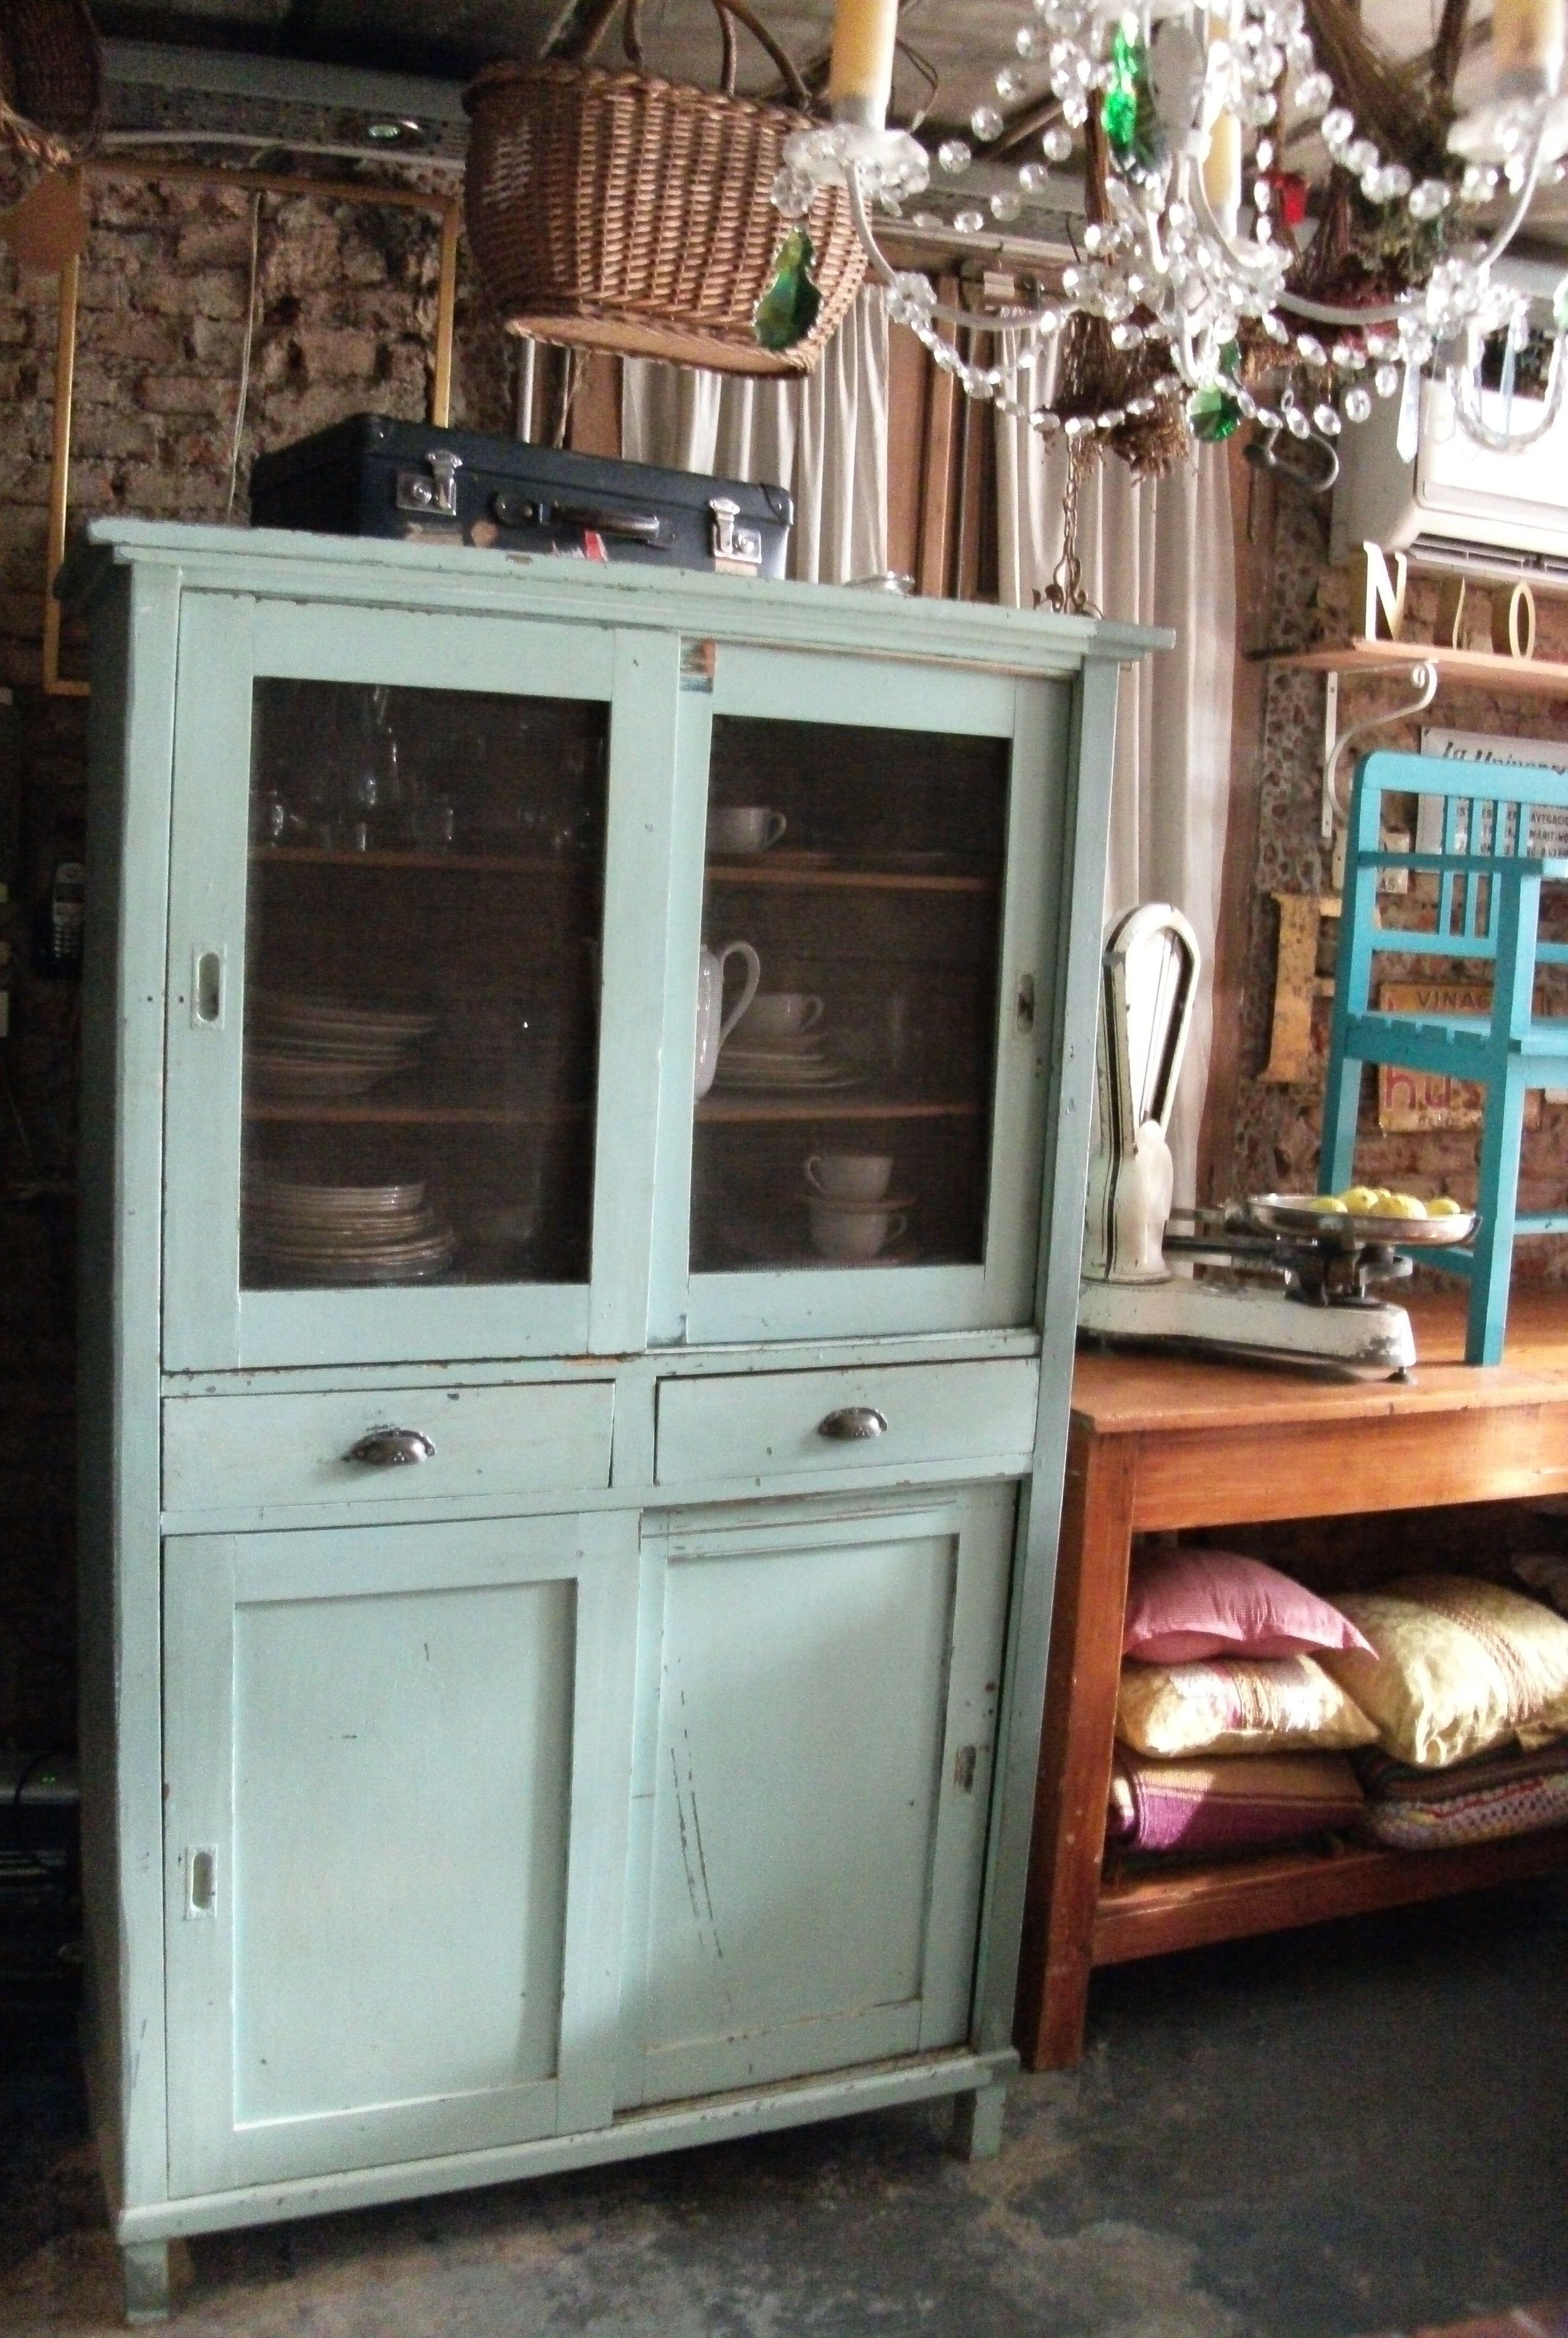 aparafores antiguos muebles antiguos cocina encontrara muebles rusticos aparadores muebles de campo aparador antiguo coloreando espacios valor en